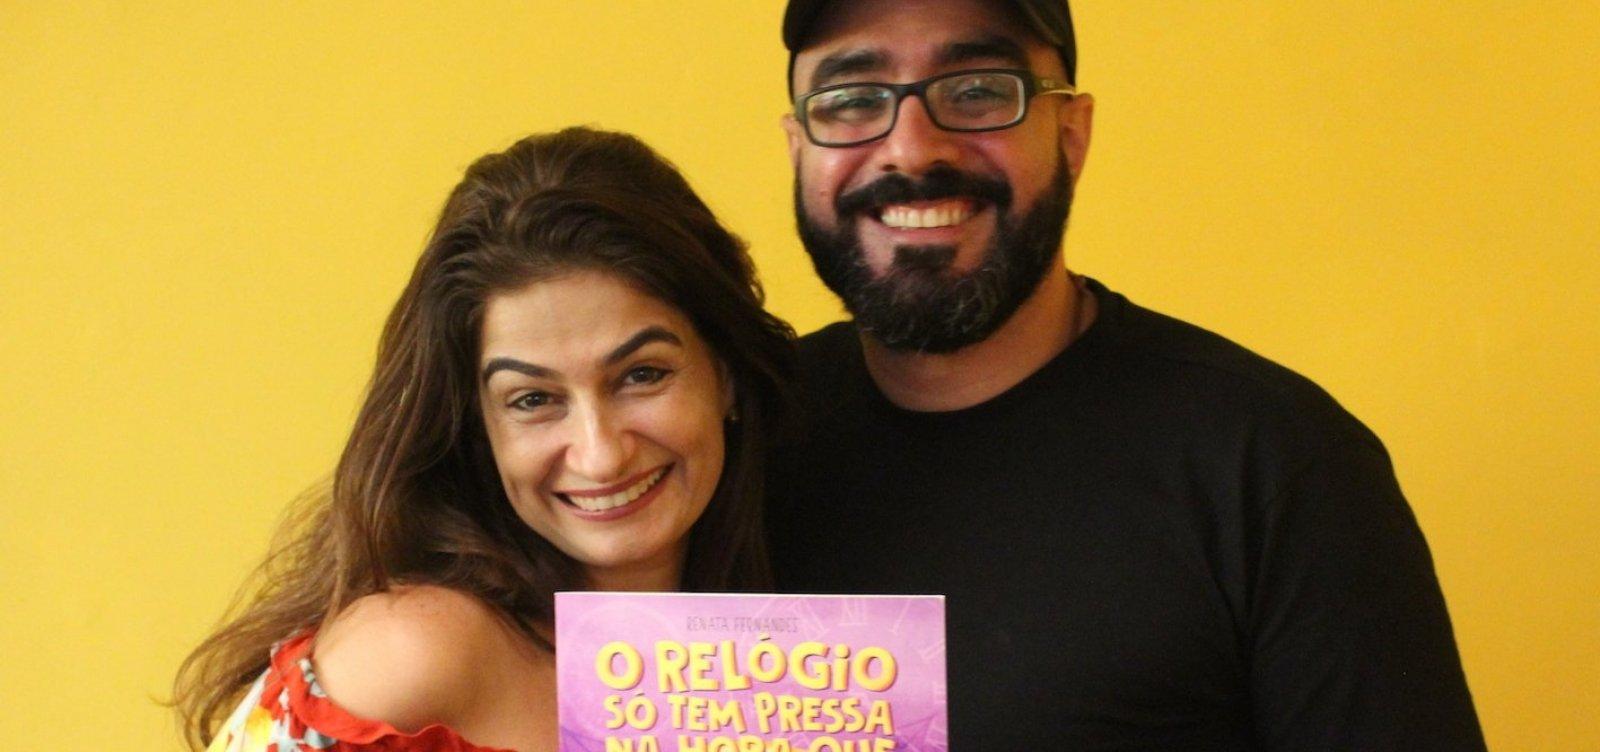 Escritora Renata Fernandes lança livro infantil neste domingo